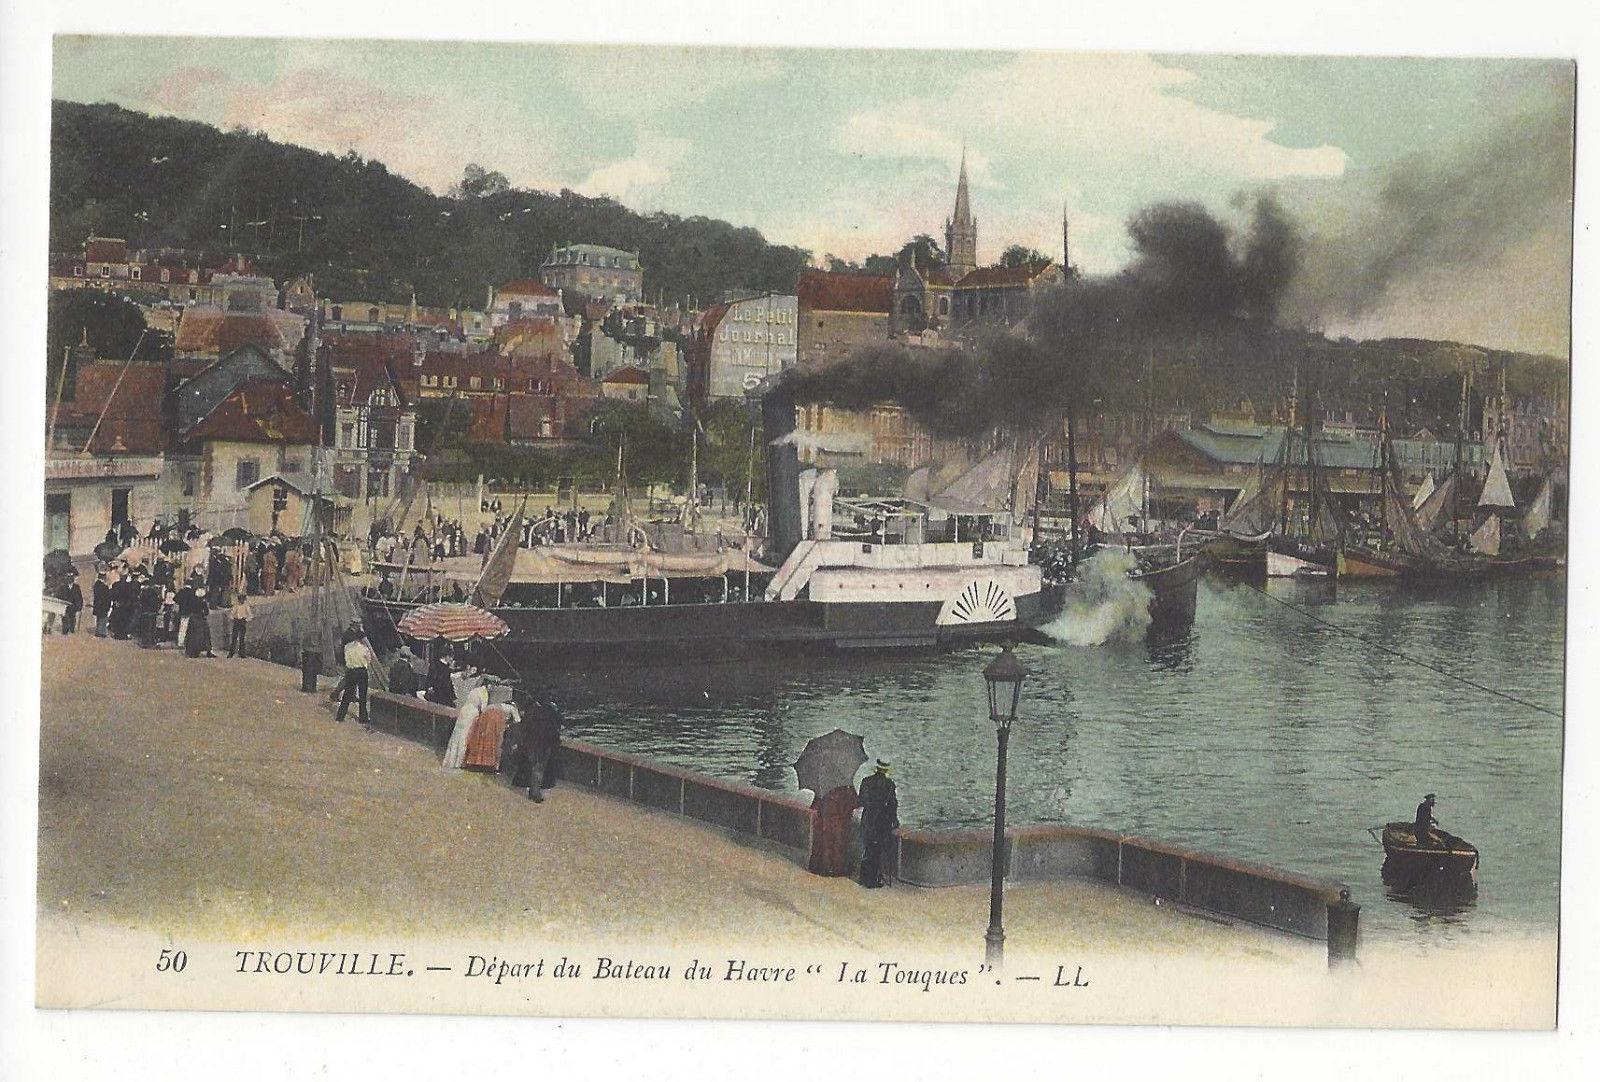 France Trouville Depart du Bateau du Havre La Touques Steamship Harbor Postcard